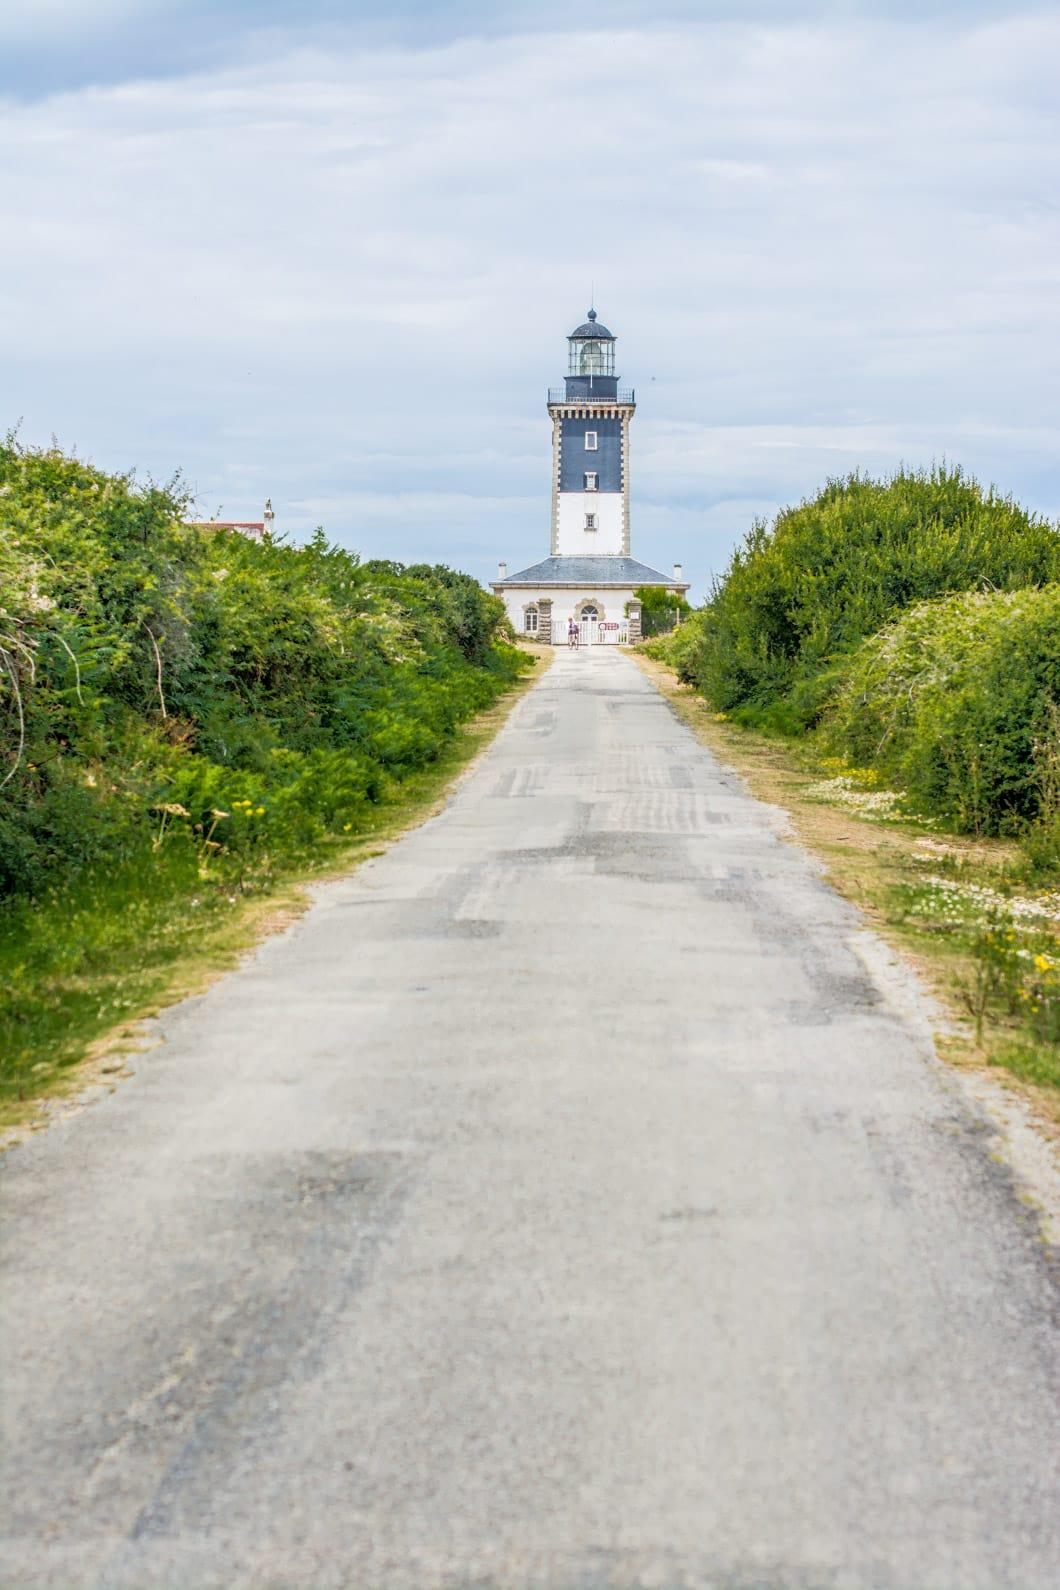 Le grand phare de l'île de Groix en Bretagne - 22 v'la Scarlett